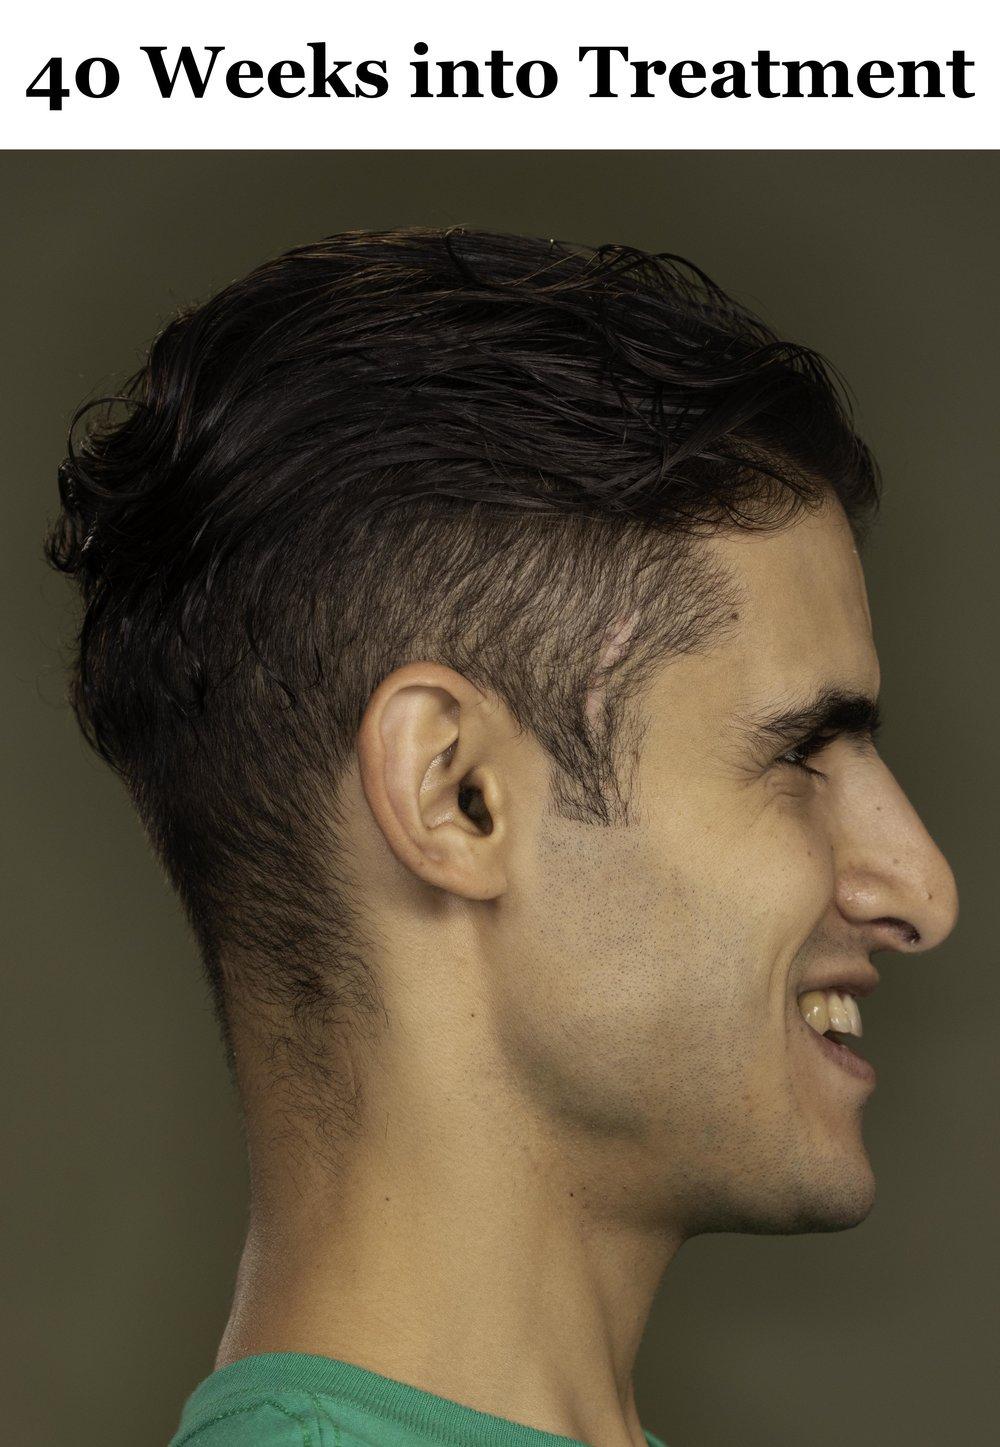 40 Weeks Side Profile Smile.jpg